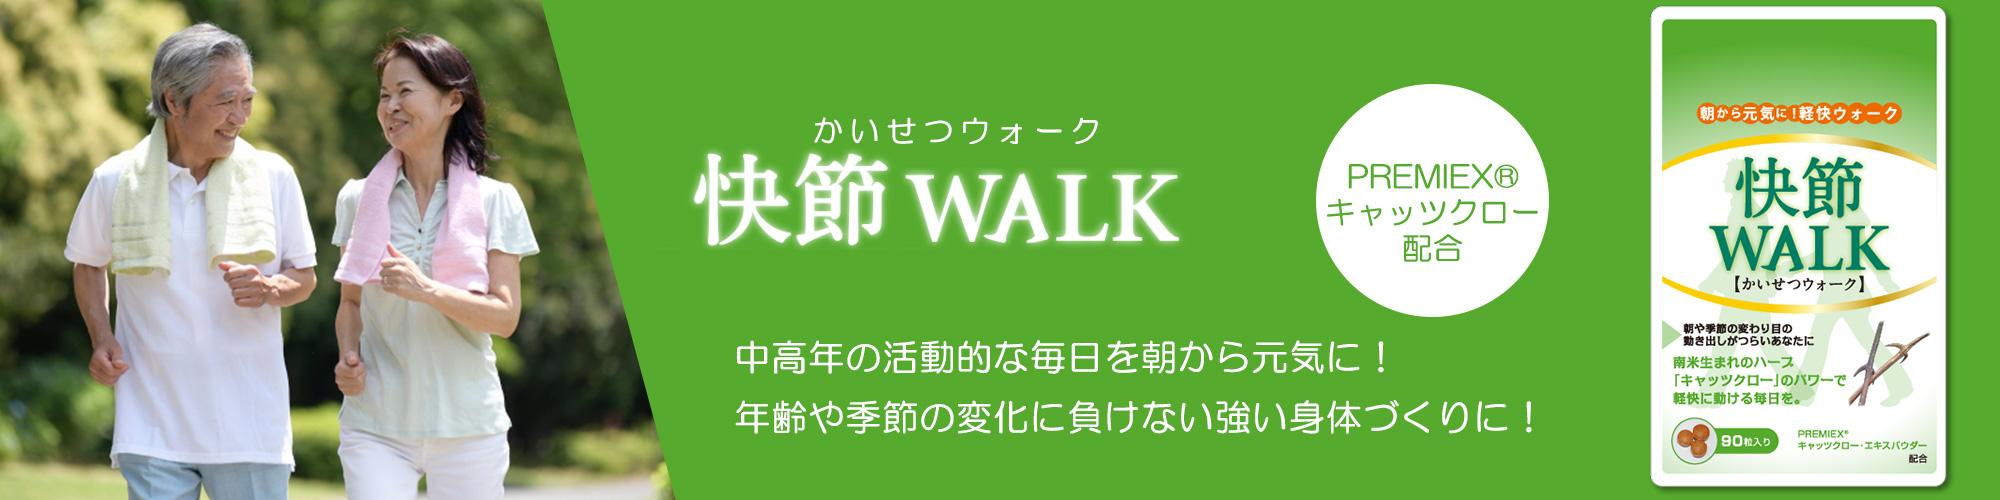 「快節WALK(かいせつウォーク)」はウイルスやアレルギーに負けない免疫力を高め、血圧・糖尿、ロコモティブシンドローム対策をサポートするサプリメント